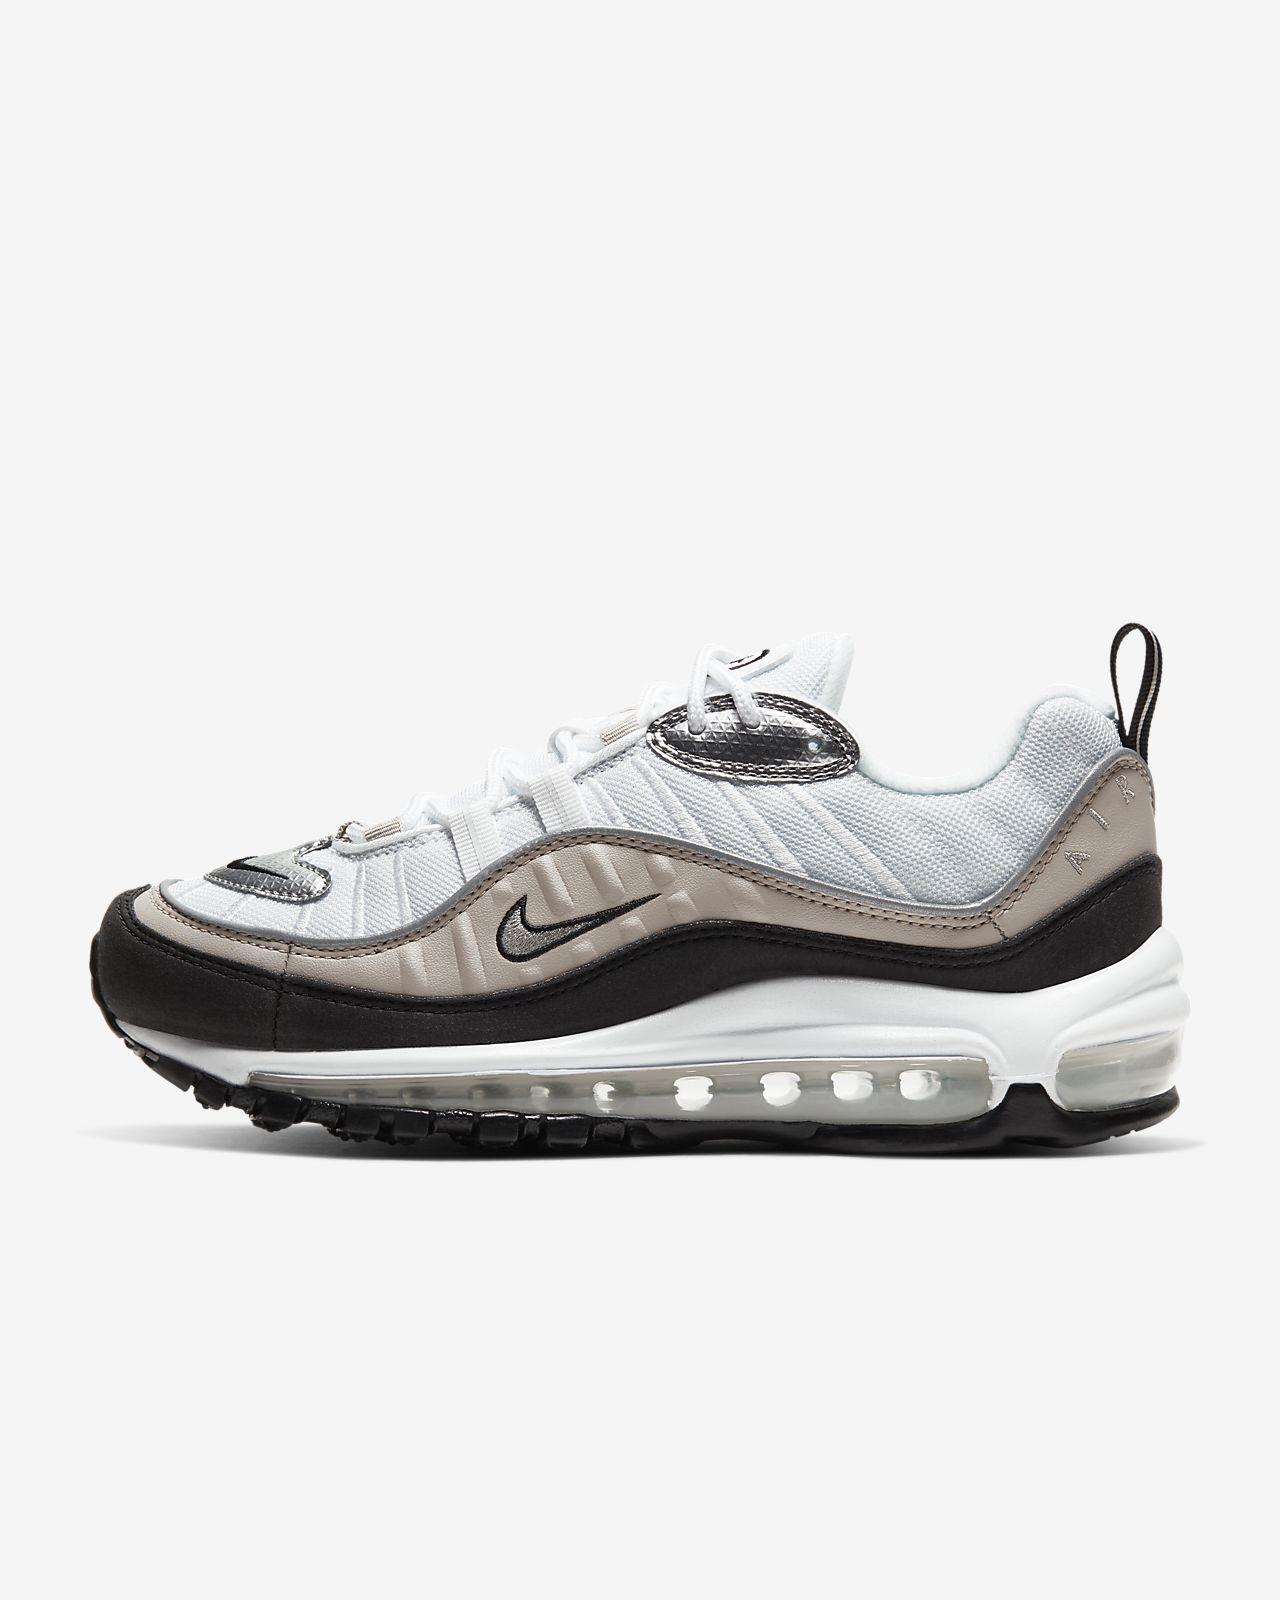 Γυναικείο παπούτσι Nike Air Max 98